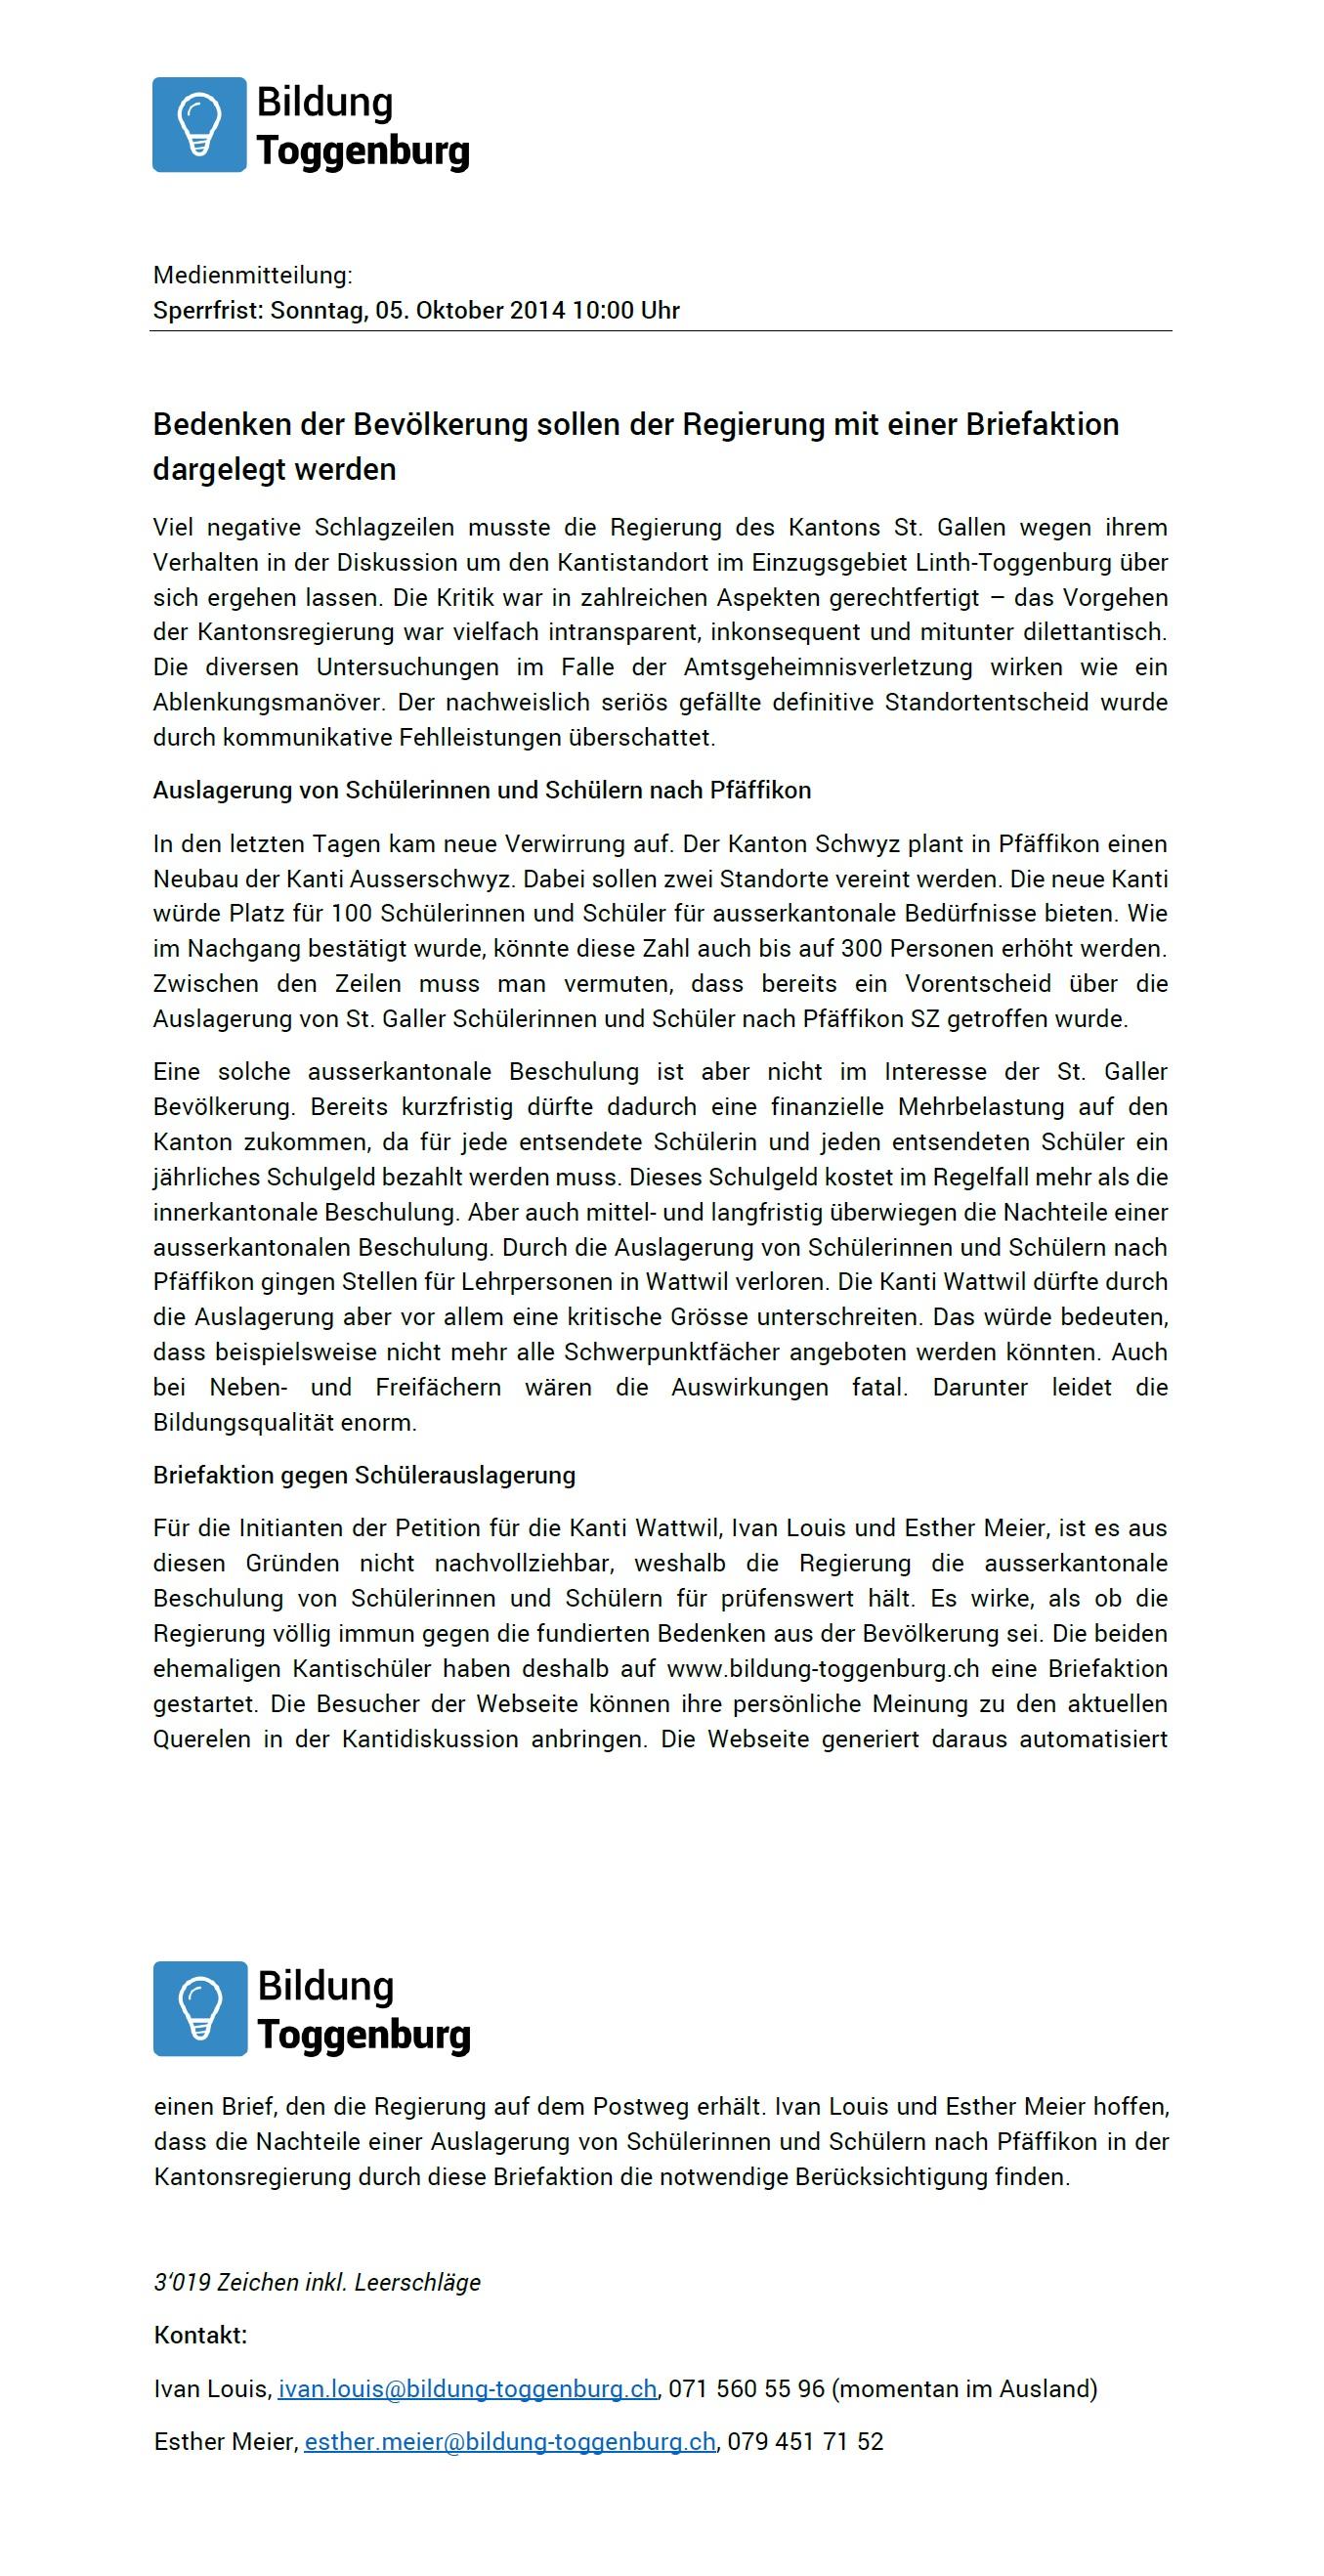 Medienmitteilung: Bedenken der Bevölkerung sollen der Regierung mit einer Briefaktion dargelegt werden (Sonntag, 05.10.2014)